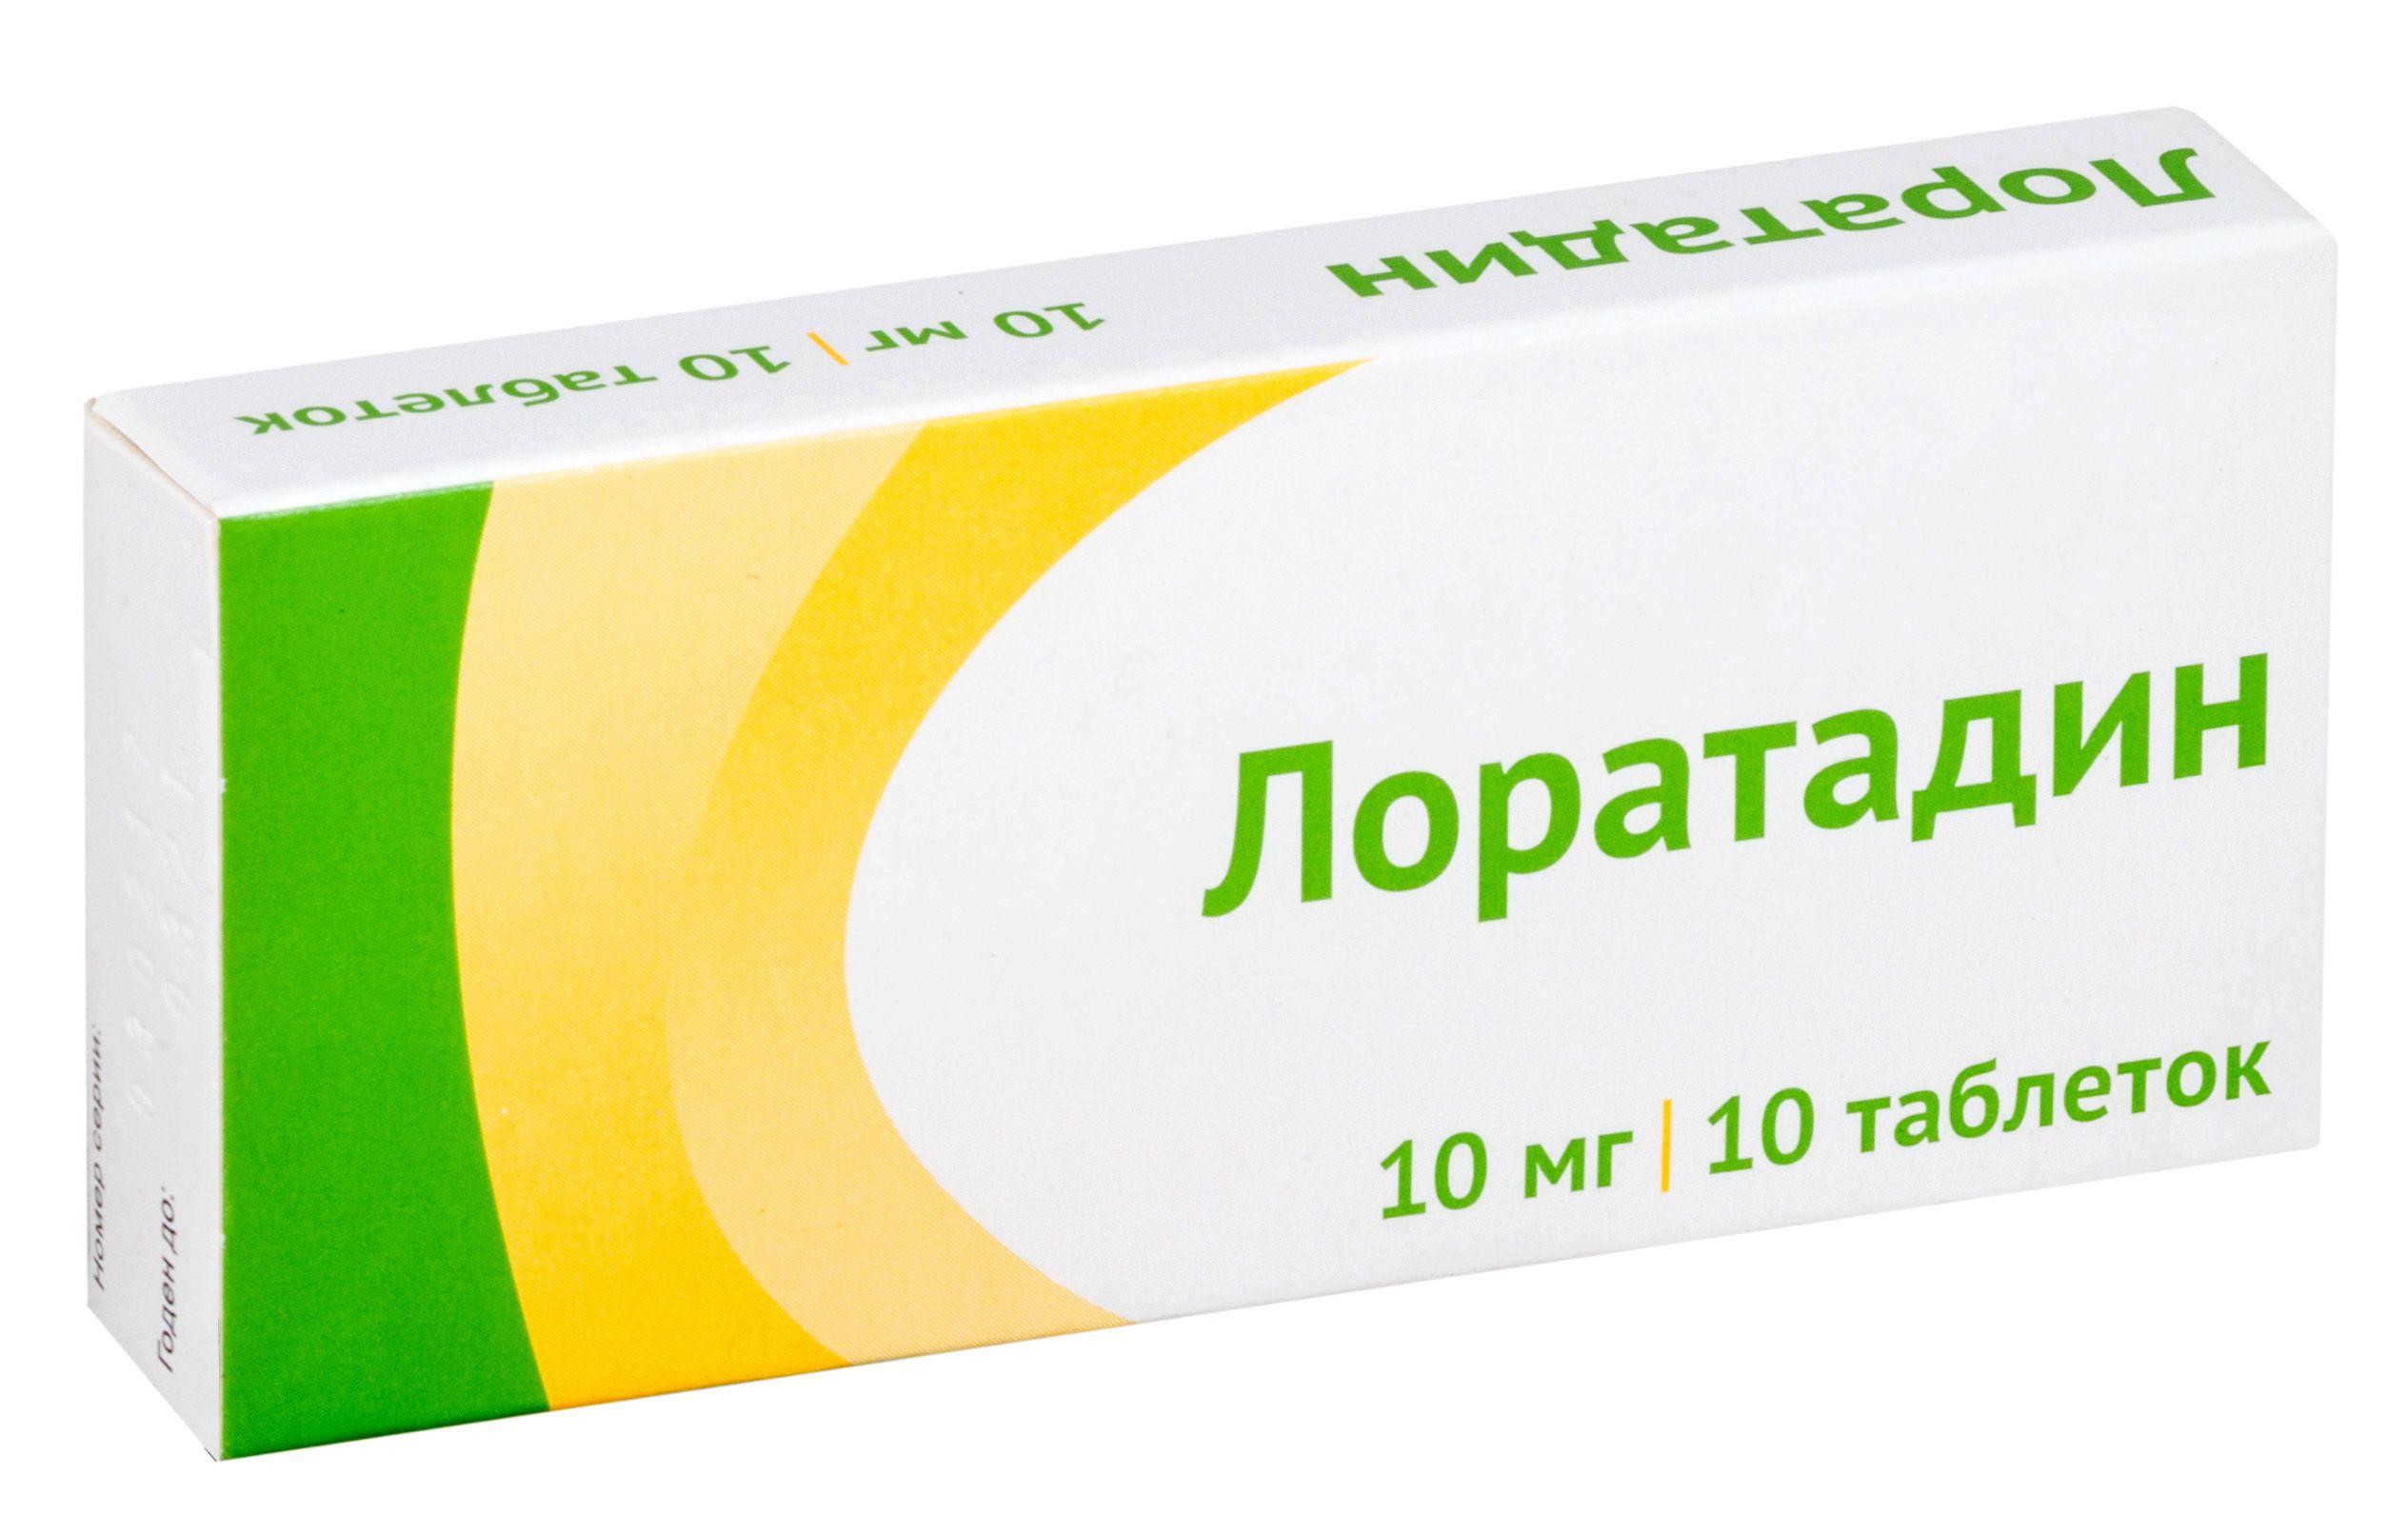 противоаллергические препараты лоратадин